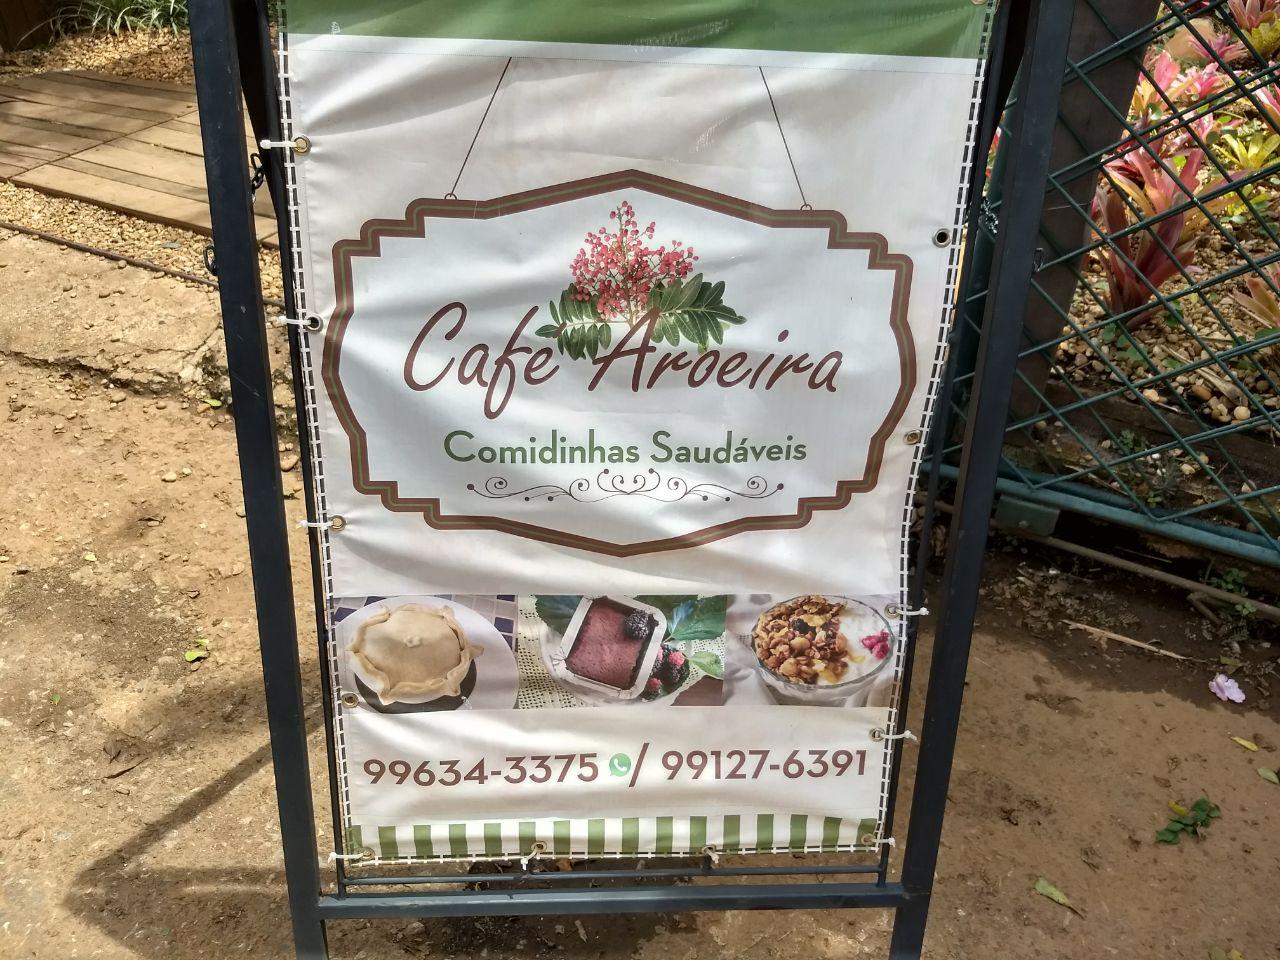 Café Aroeira, Comidinhas Saudáveis, Polo Verde, Viveiro de Plantas, Lago Norte, Saída Norte, Comércio Brasília